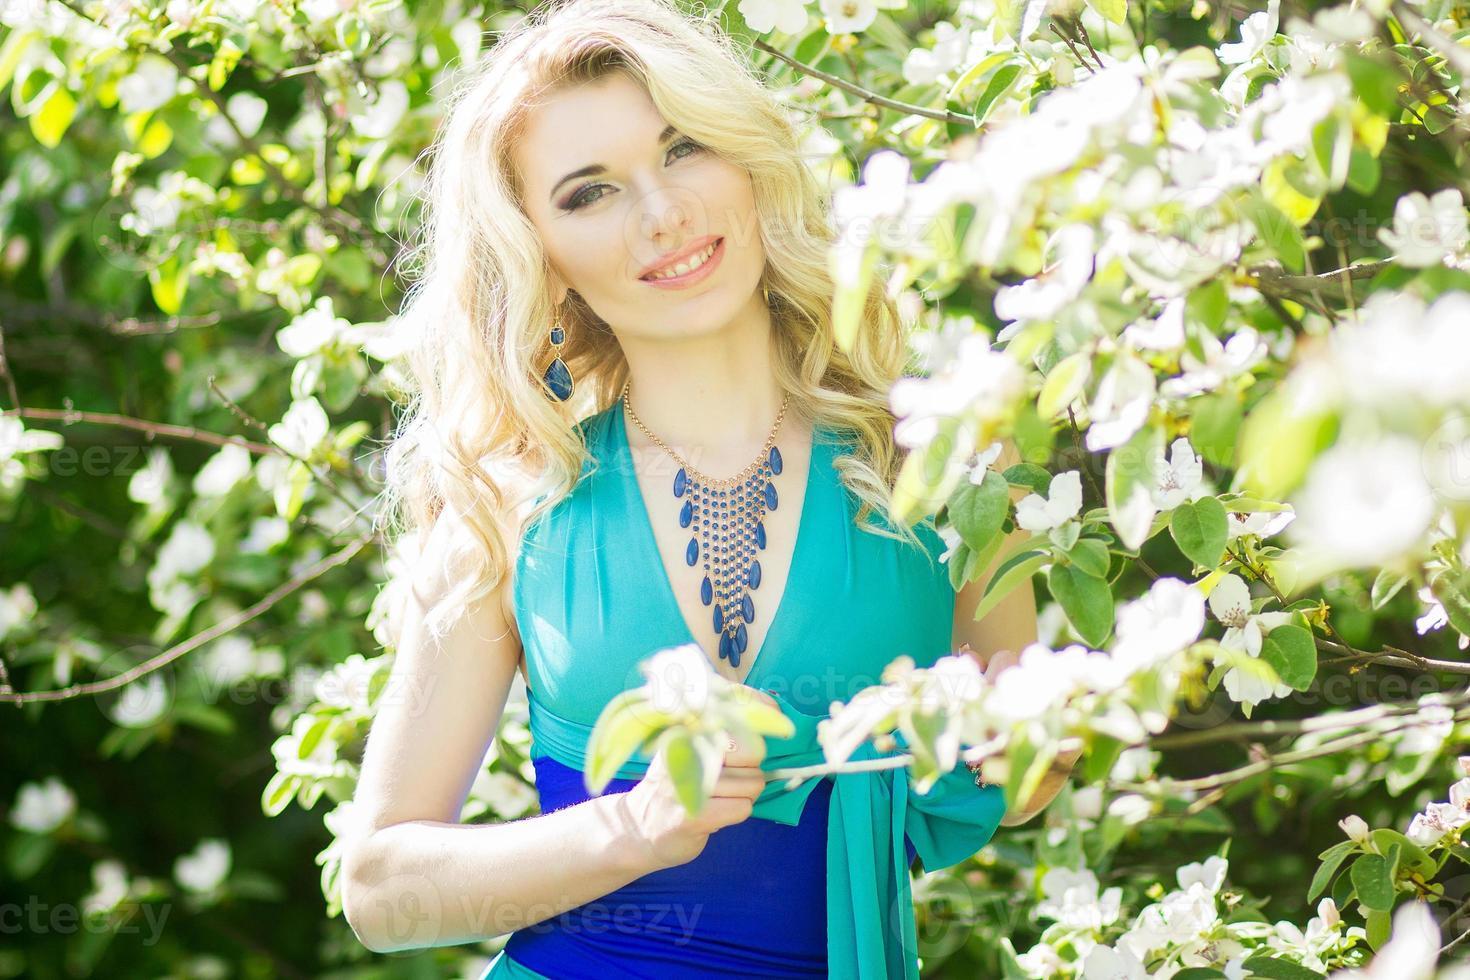 Porträt einer schönen jungen blonden Frau foto